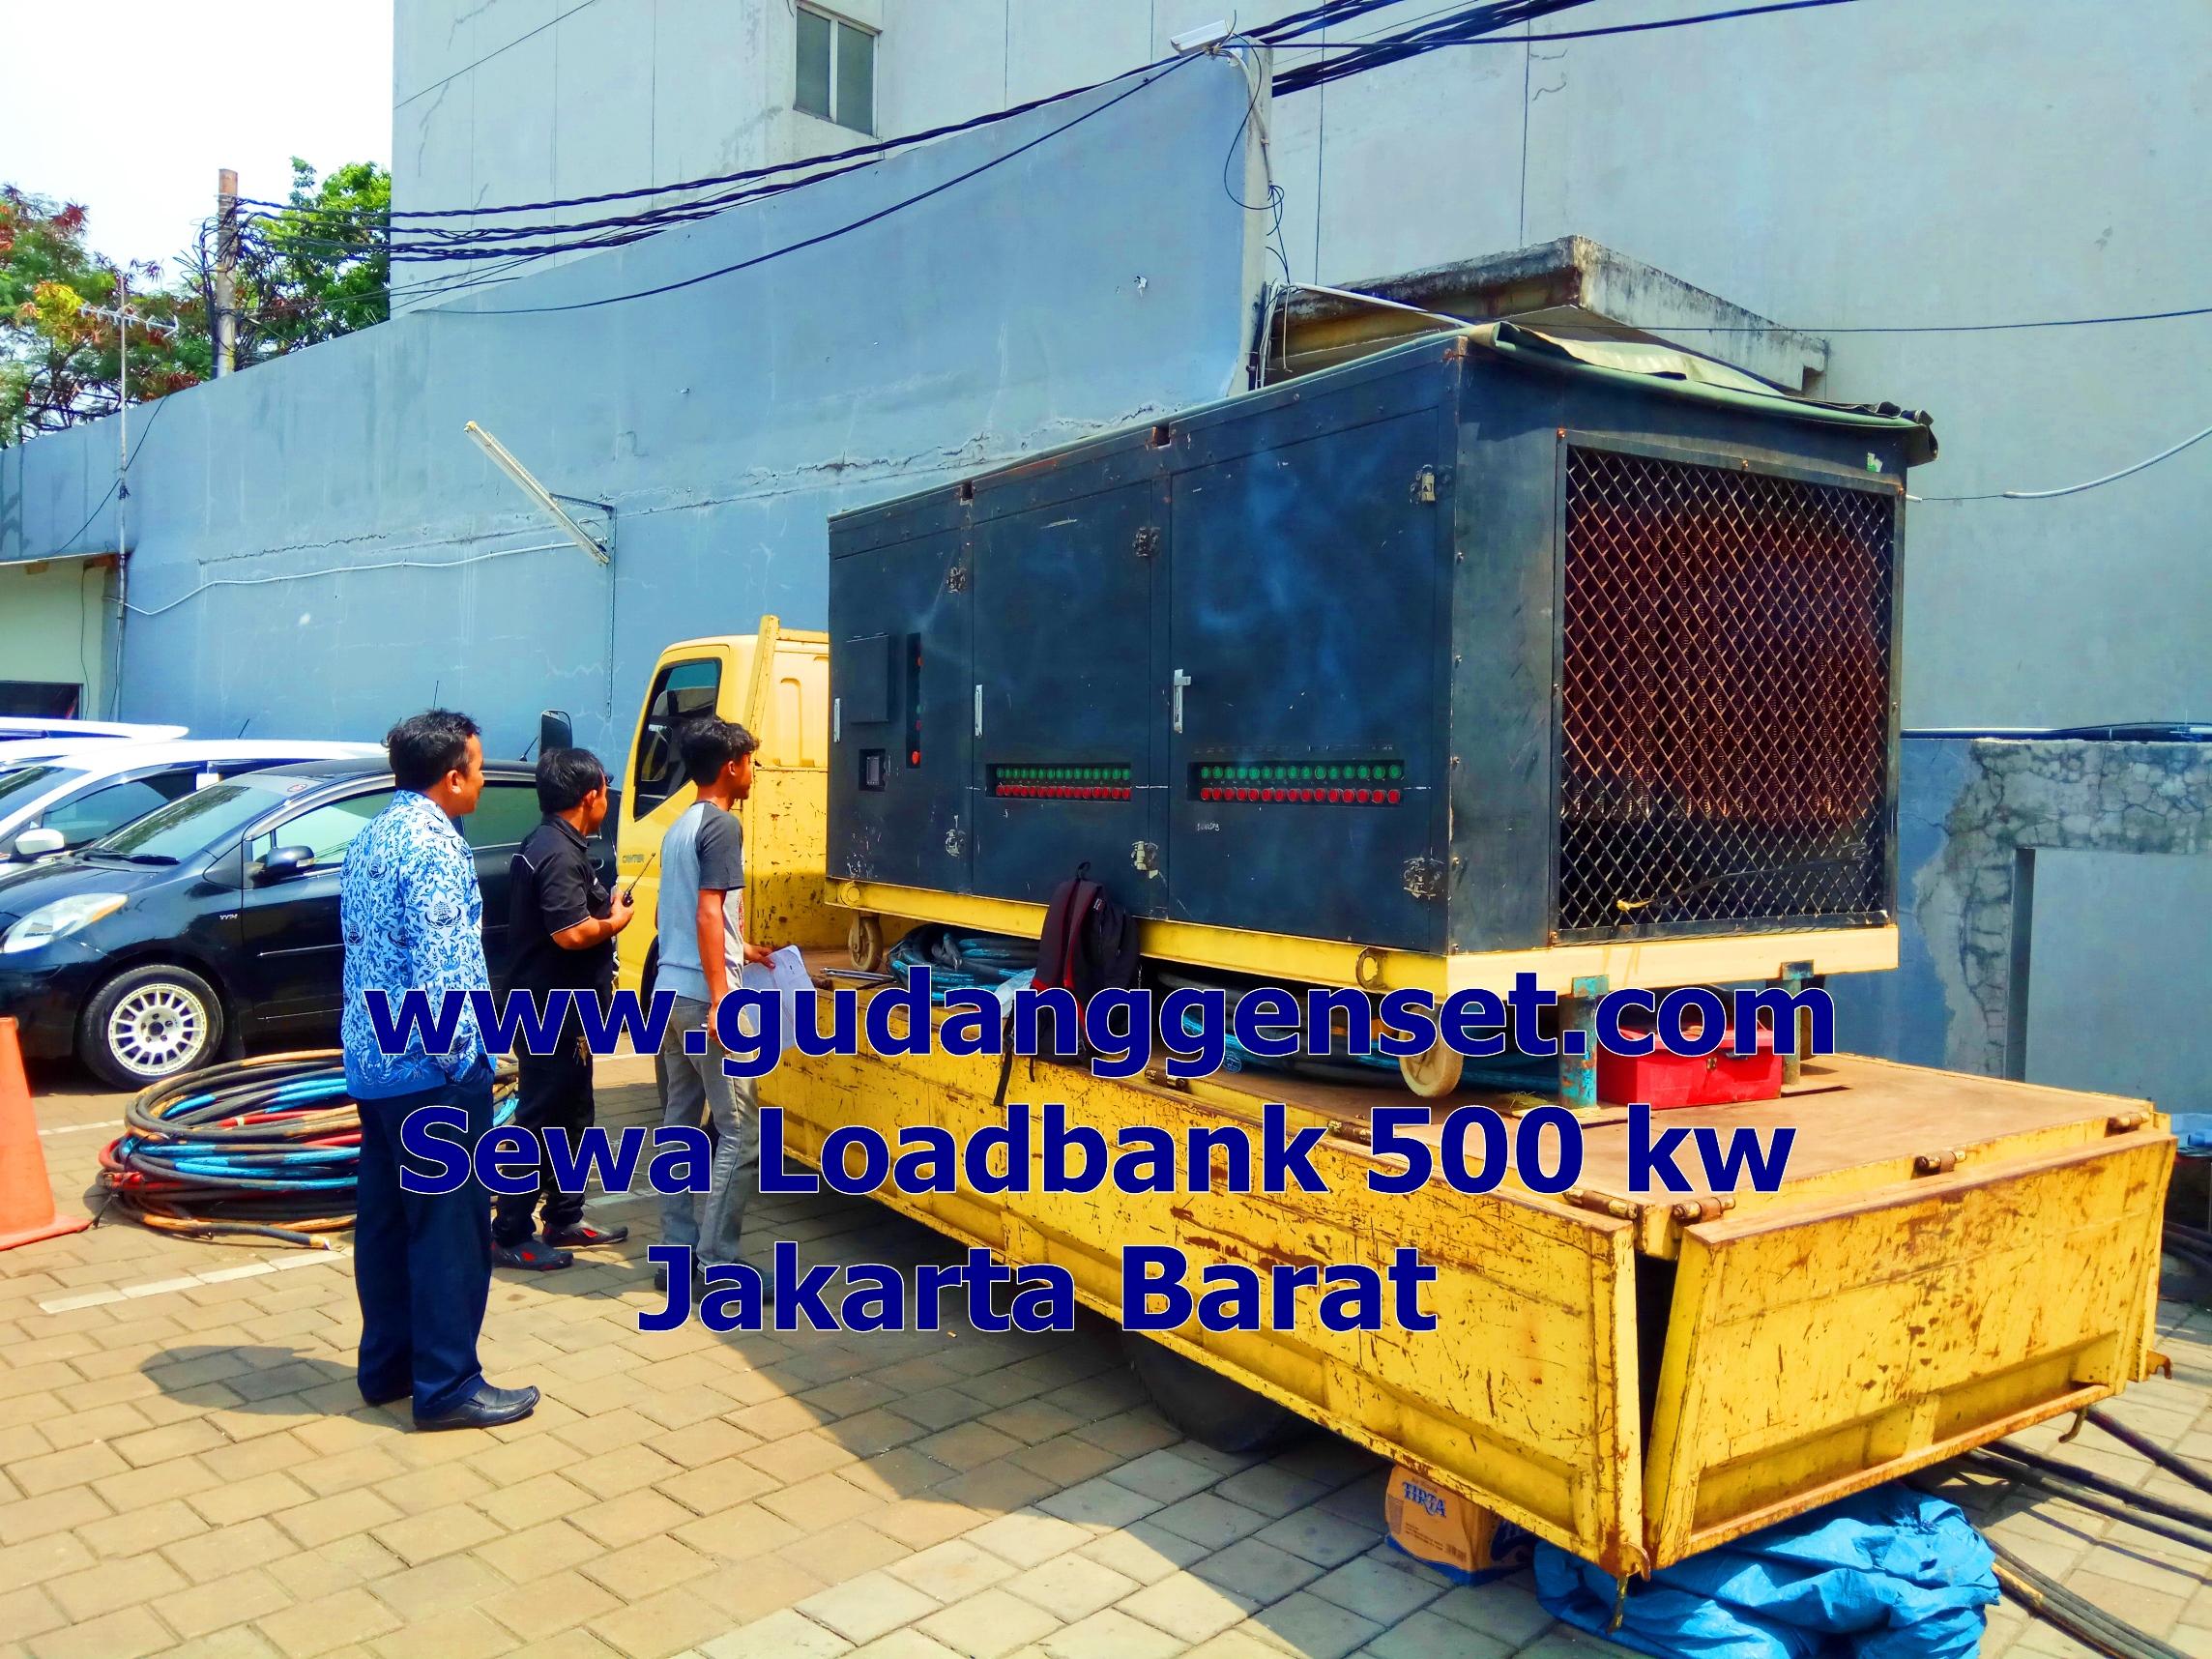 Sewa load bank 600 kw - gudanggenset 081289835207